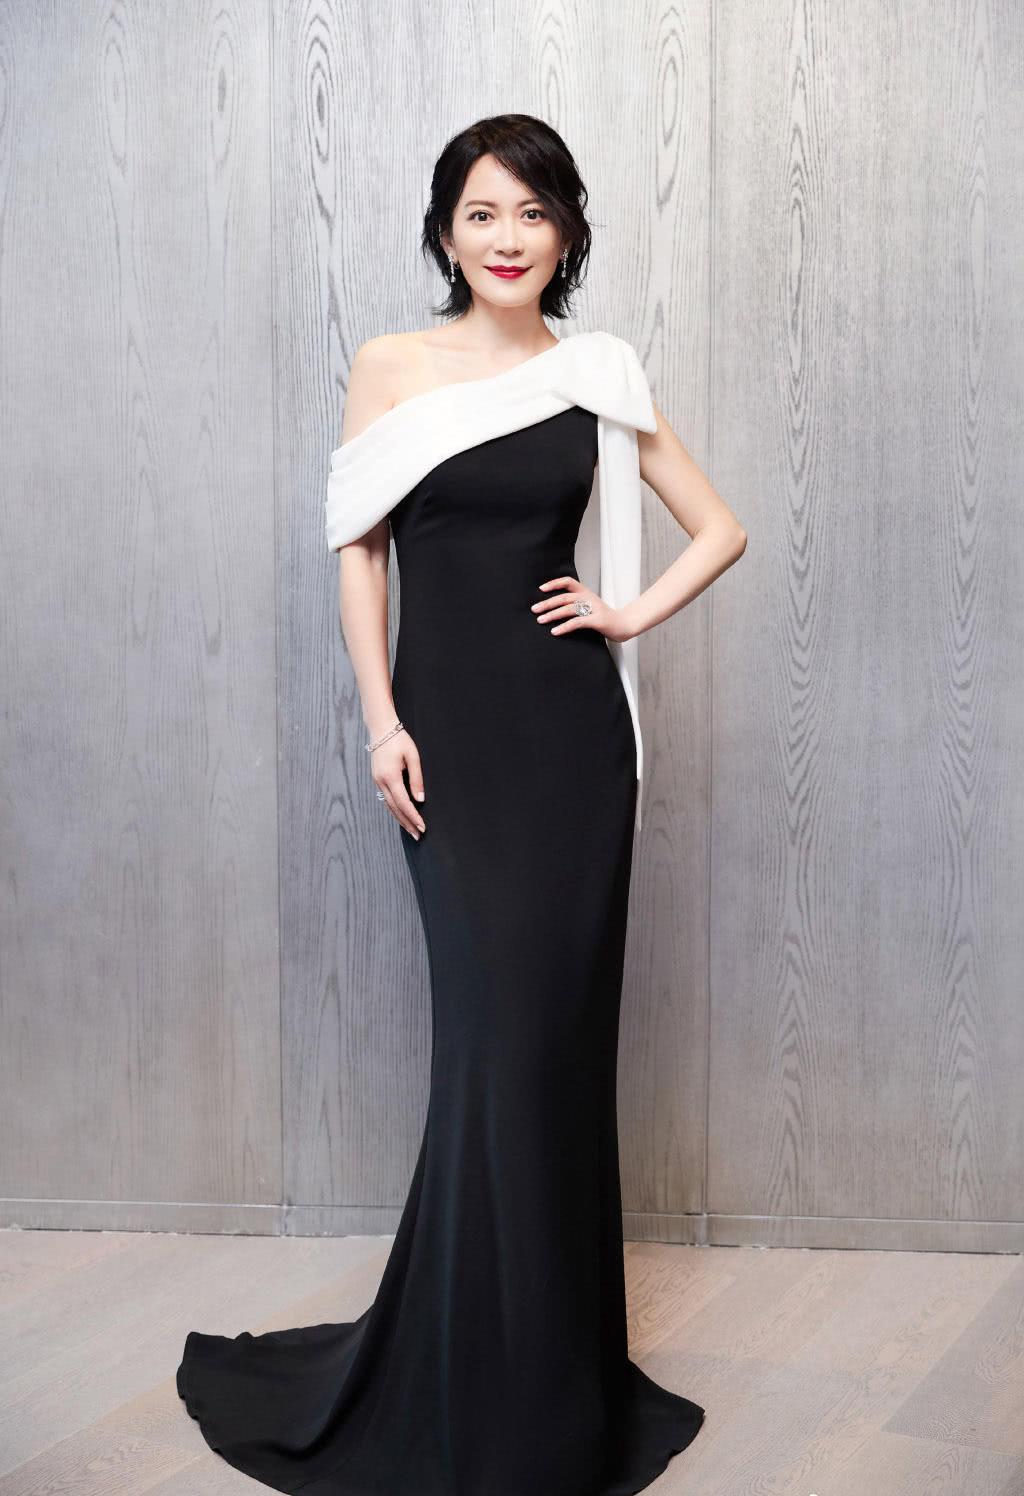 俞飞鸿也是厉害,一袭黑色连衣裙让网友都沸腾:奥迪标识挂胸口?